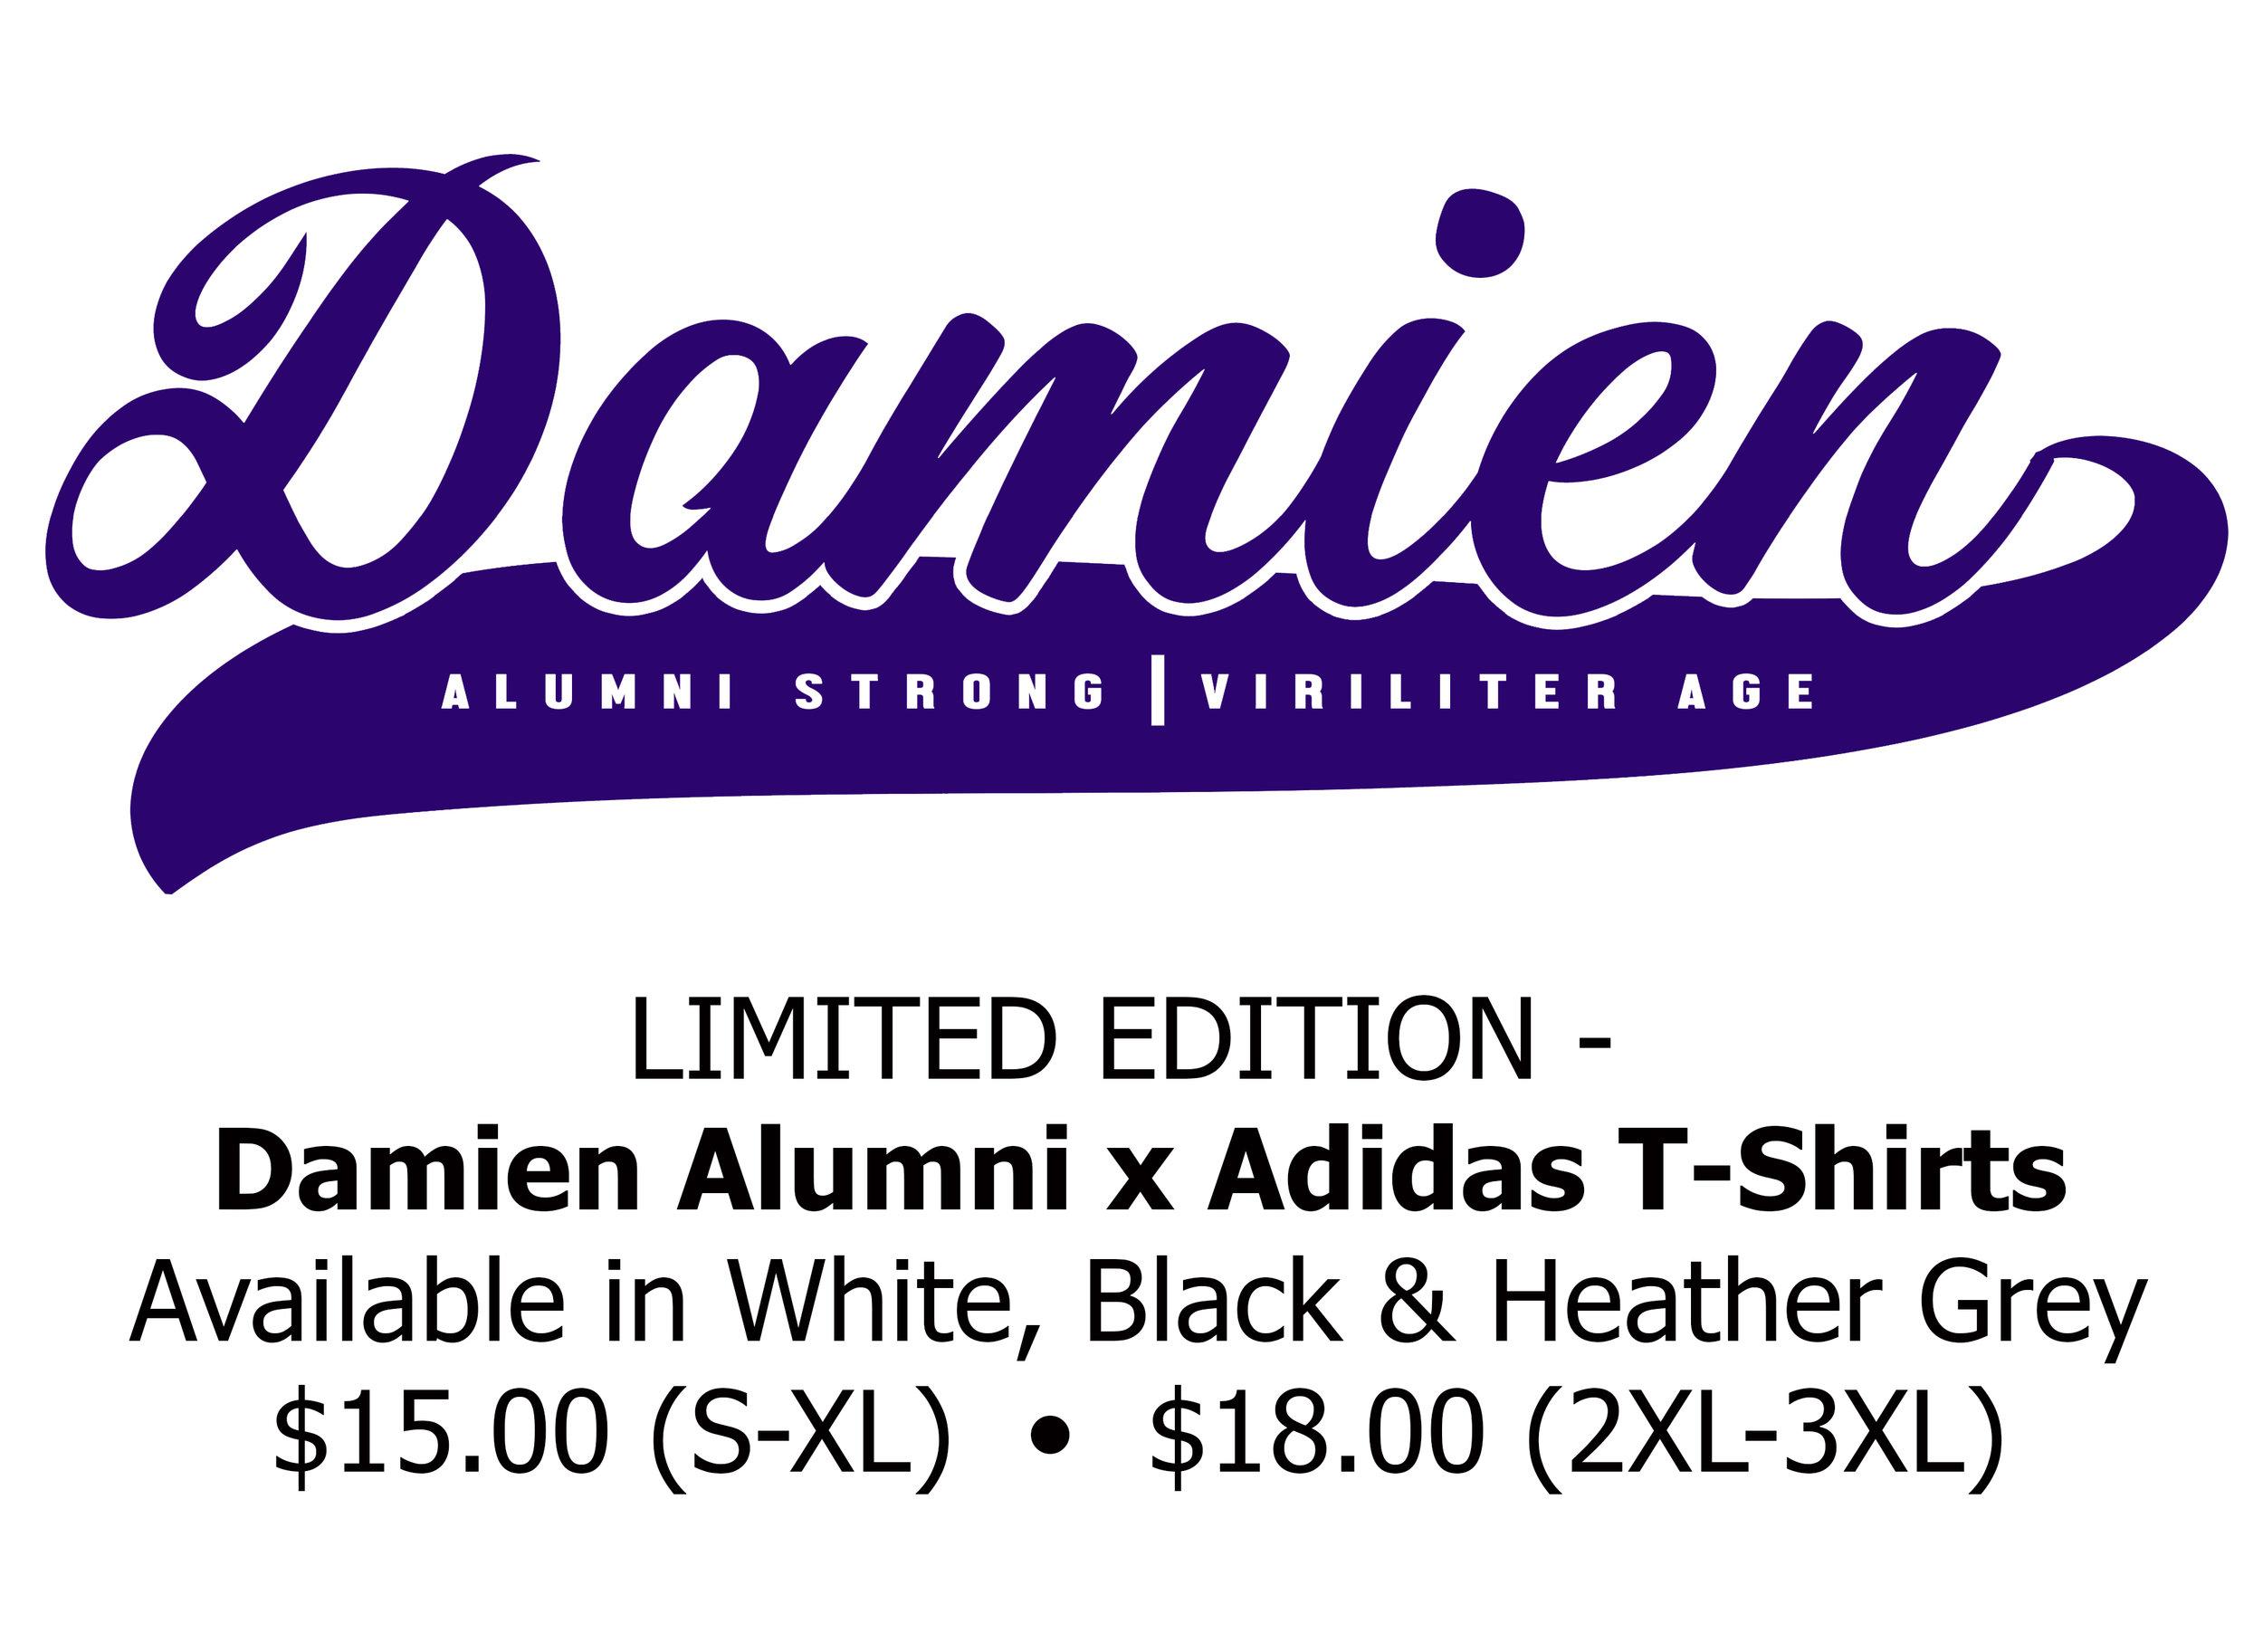 Get your limited edition alumni shirt. Please email klaneski@damien.edu for more infomation.